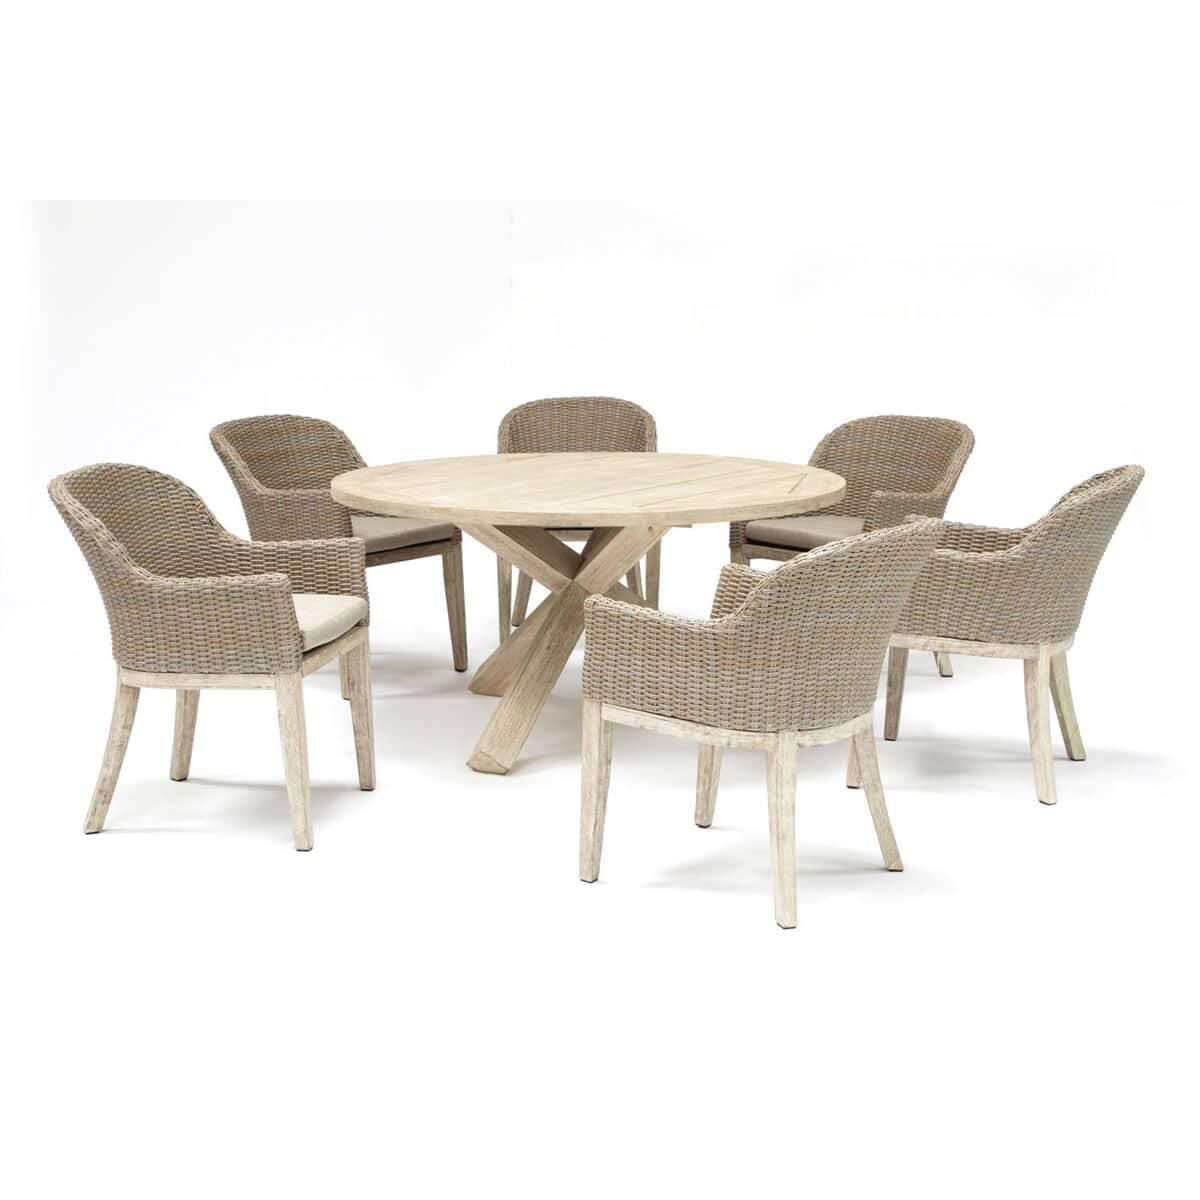 Kettler Cora 6 Seat Round Coraset02 Garden Furniture